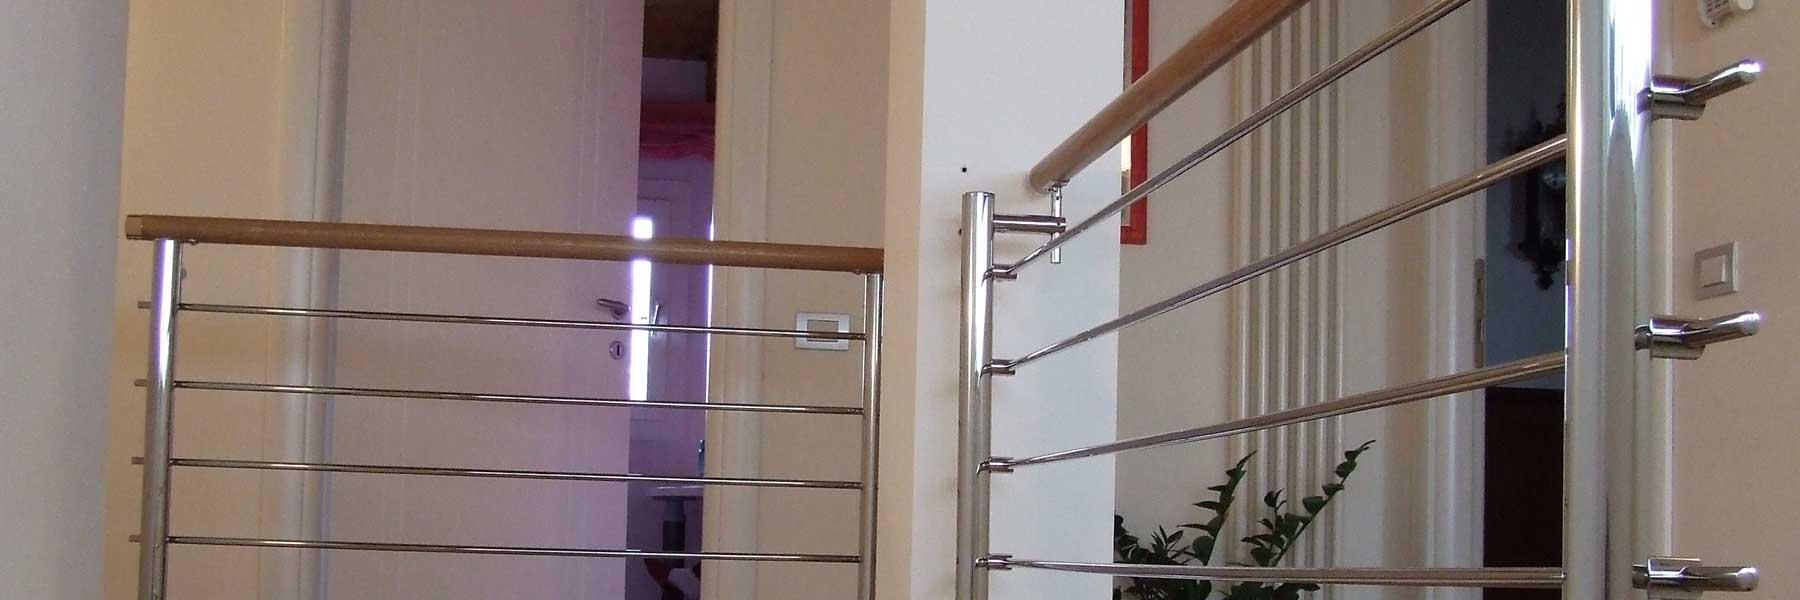 Ringhiere olim - Ringhiere per finestre in ferro ...